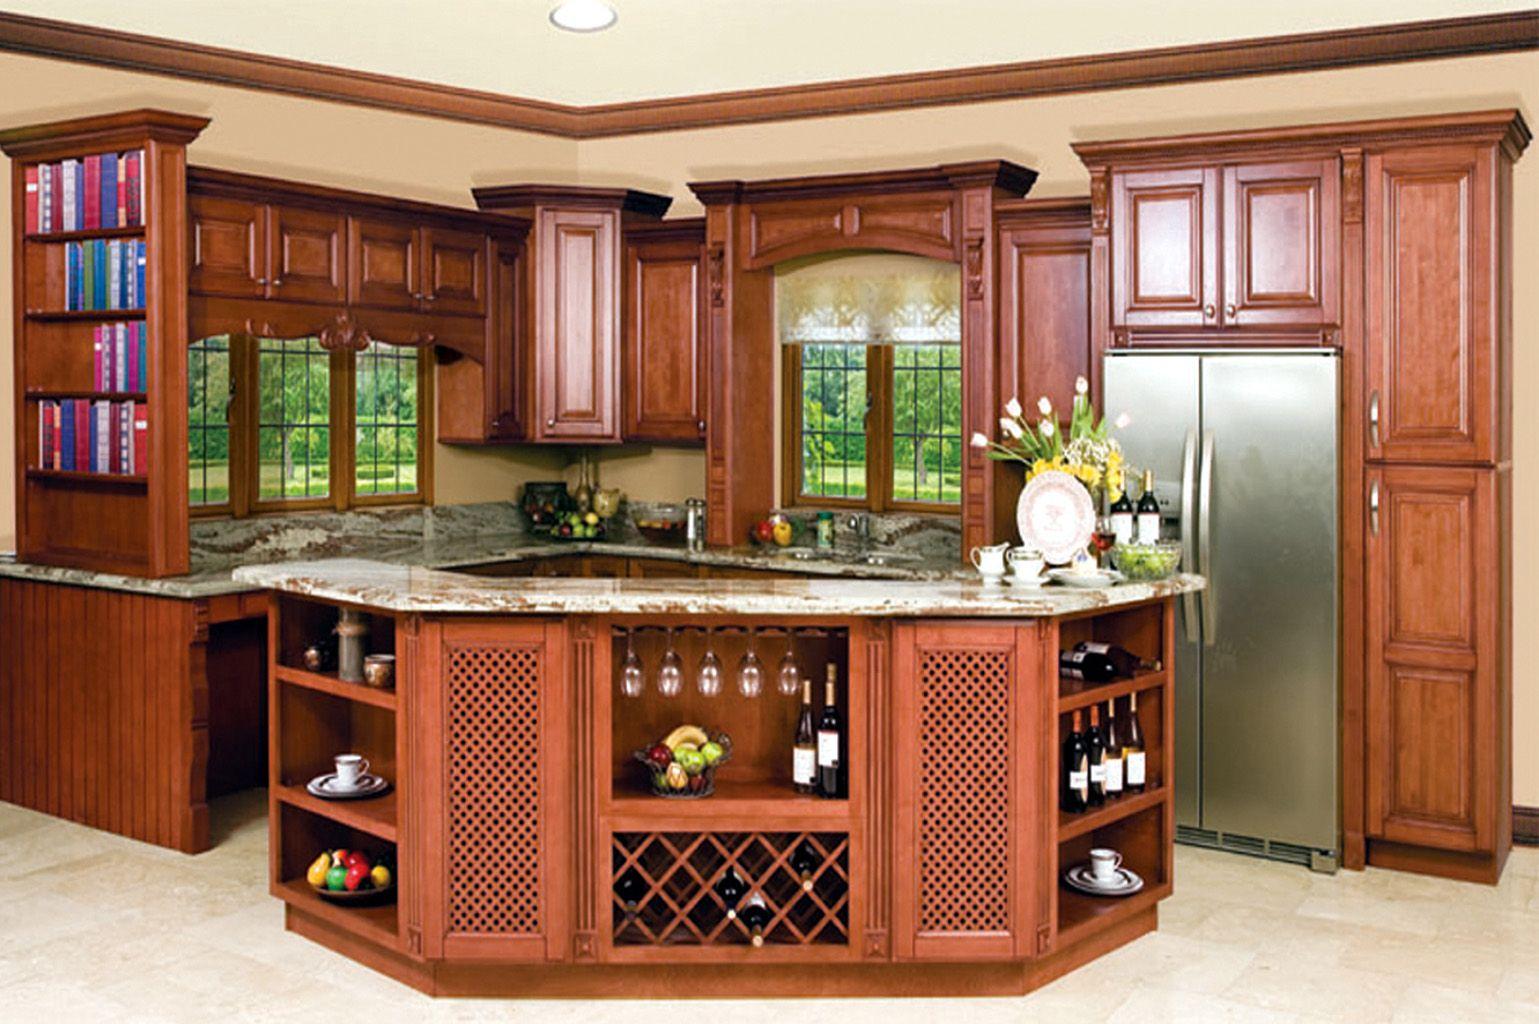 North America Maple Mocha Glaze Color Kitchen Cabinets ...